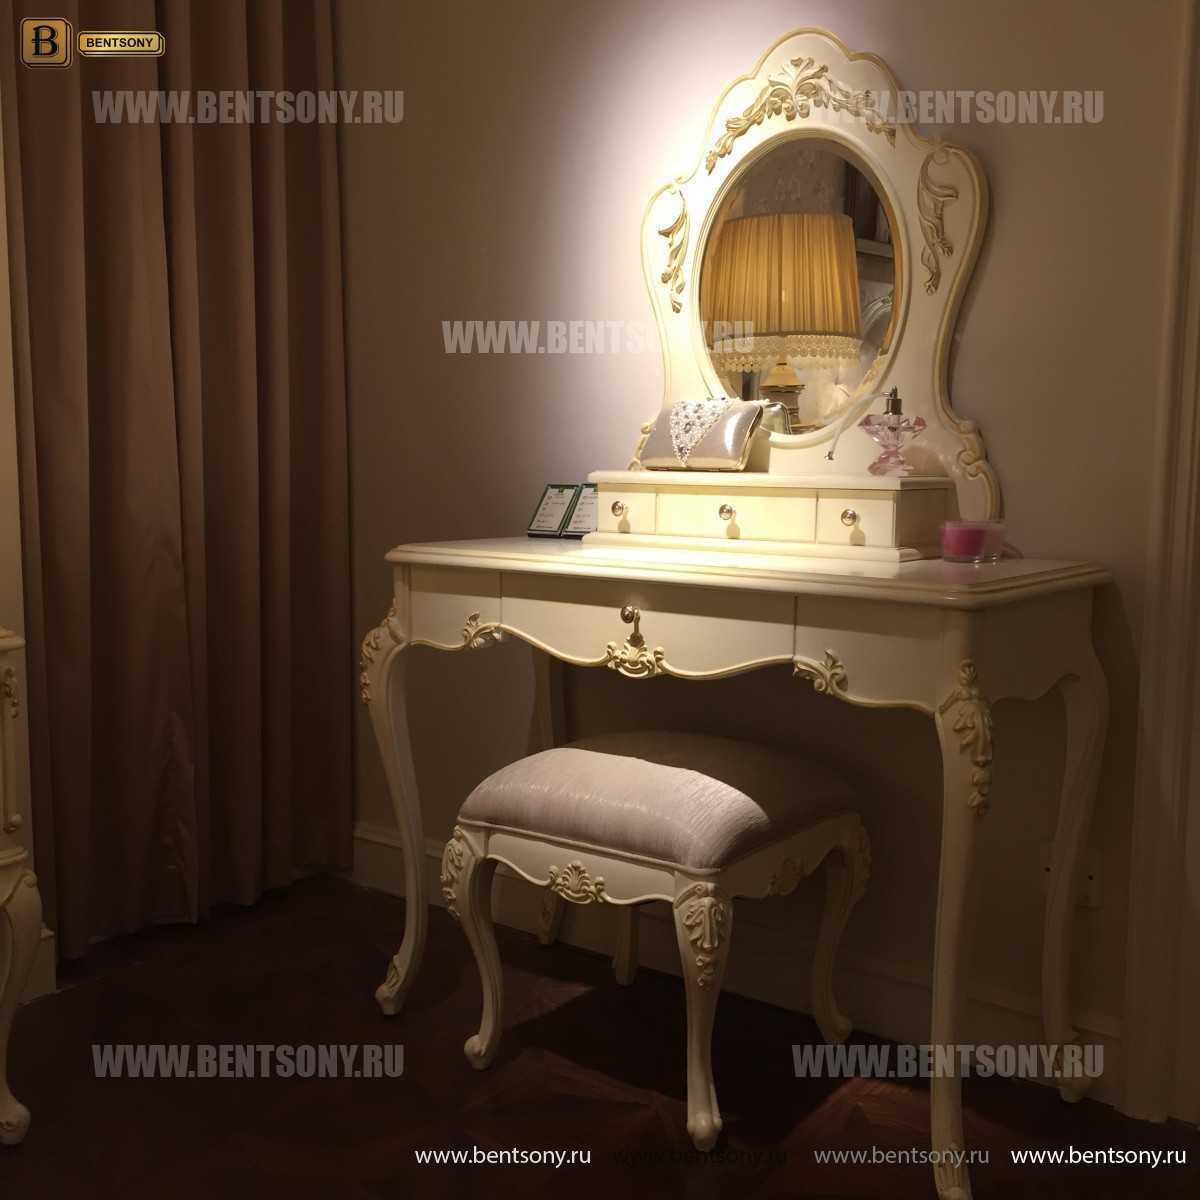 Спальня Митчел D (Классика, Ткань) для загородного дома